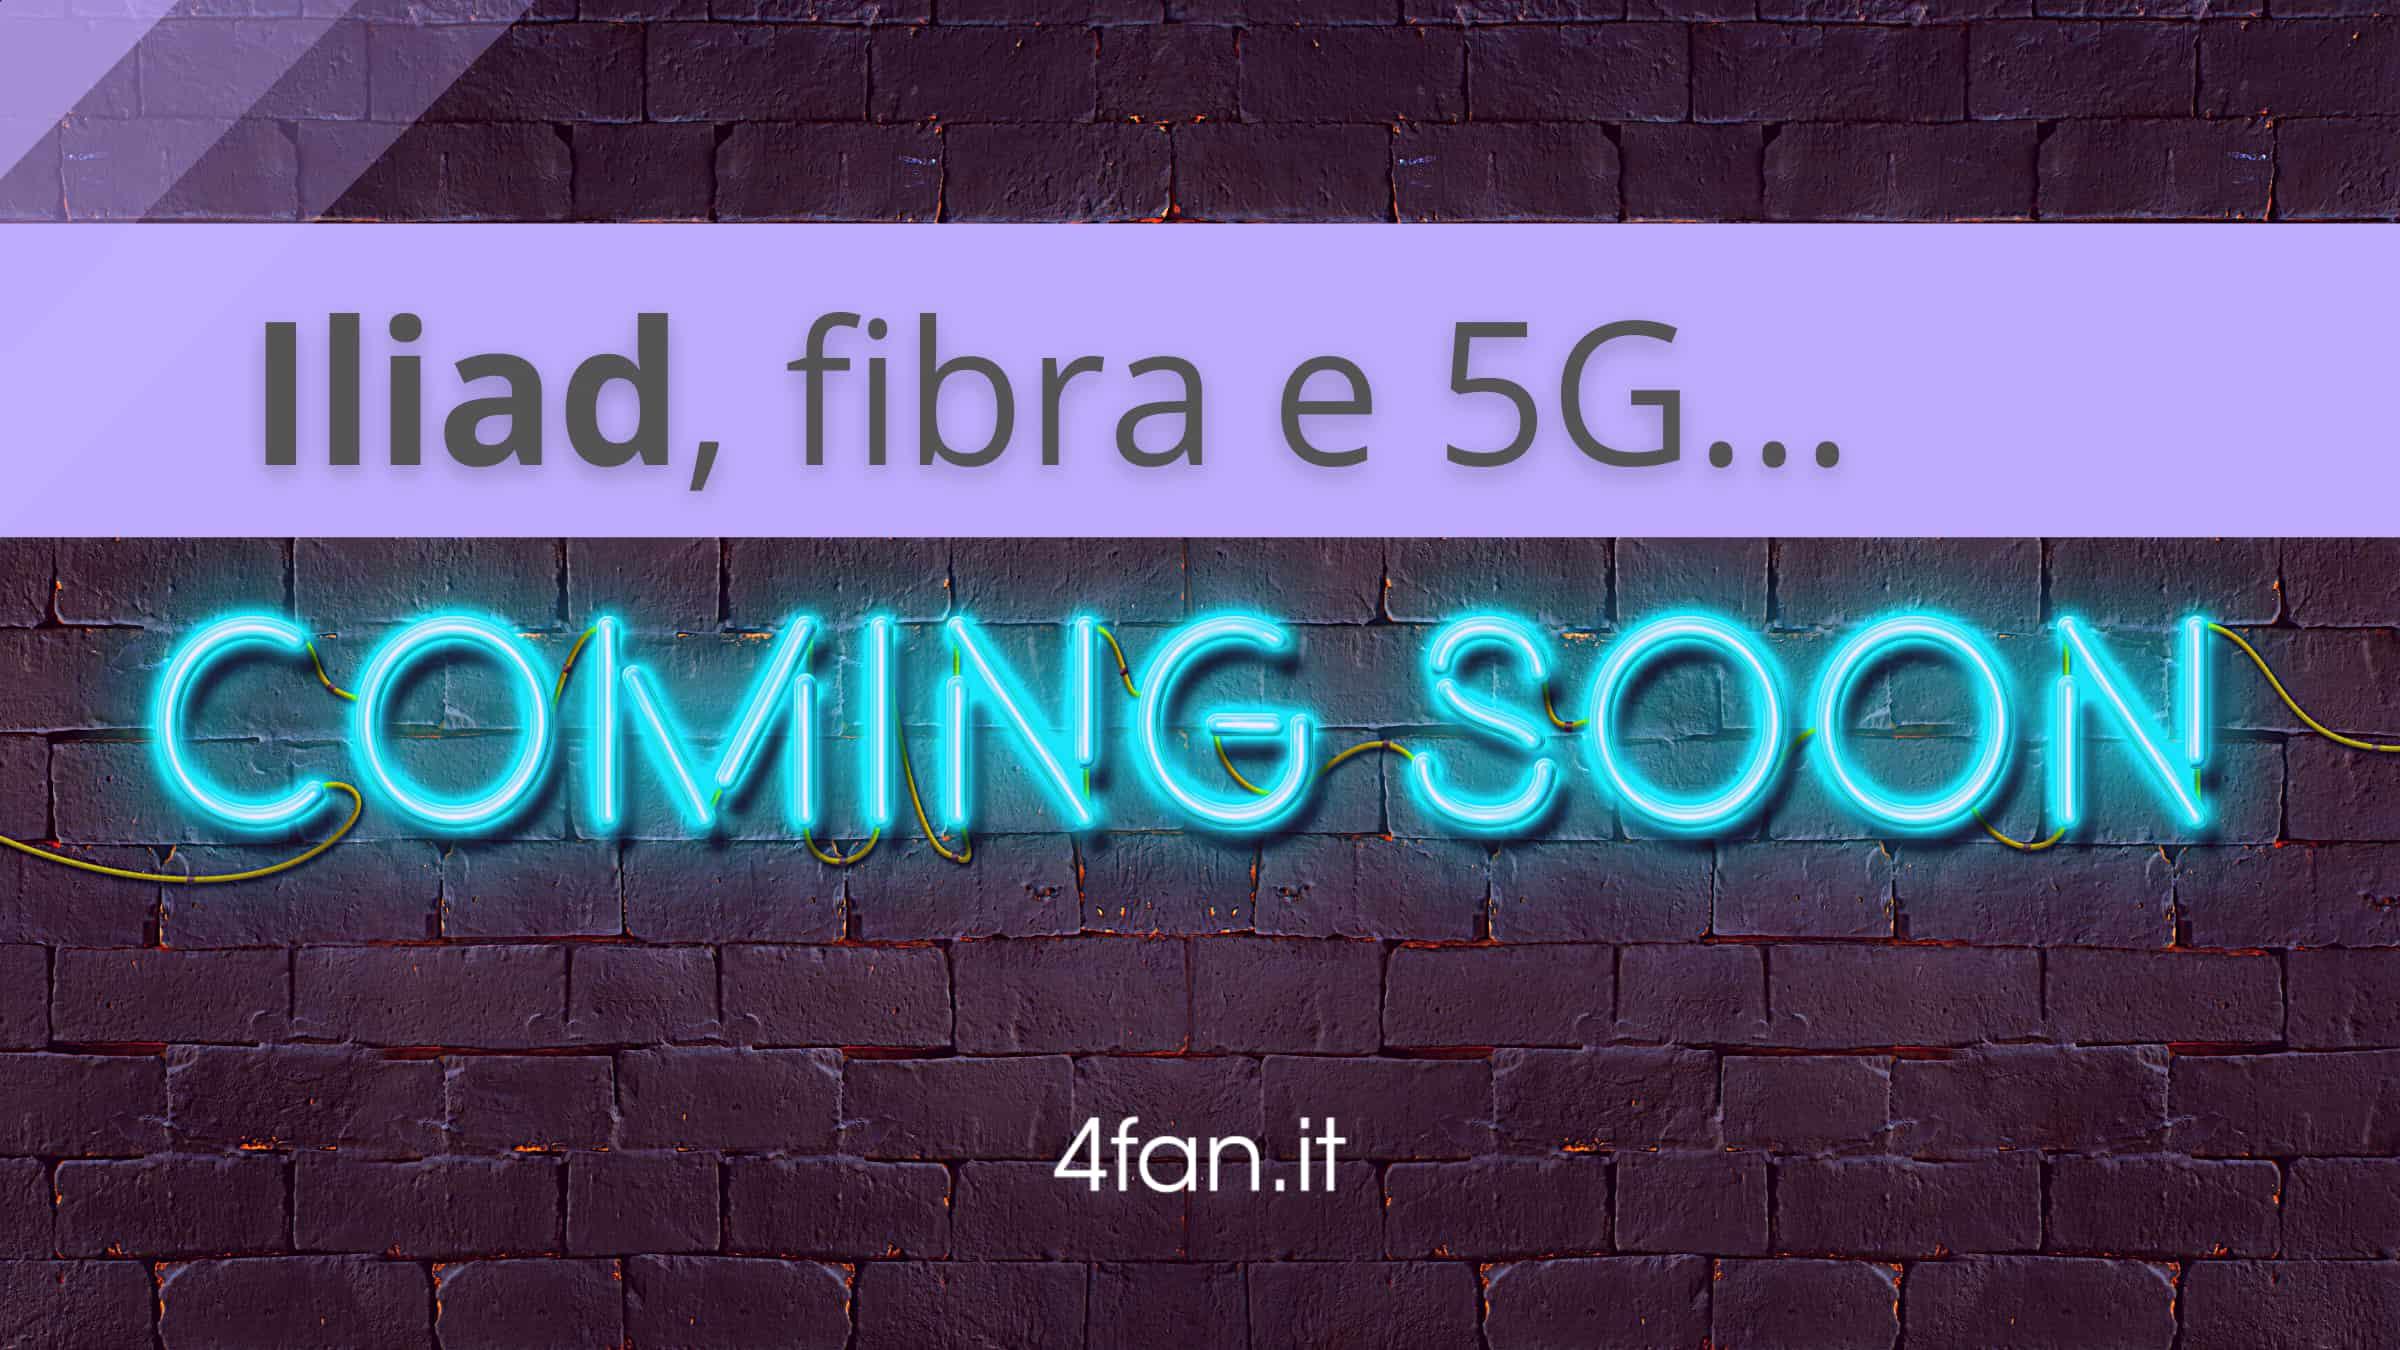 Iliad fibra e 5G in arrivo